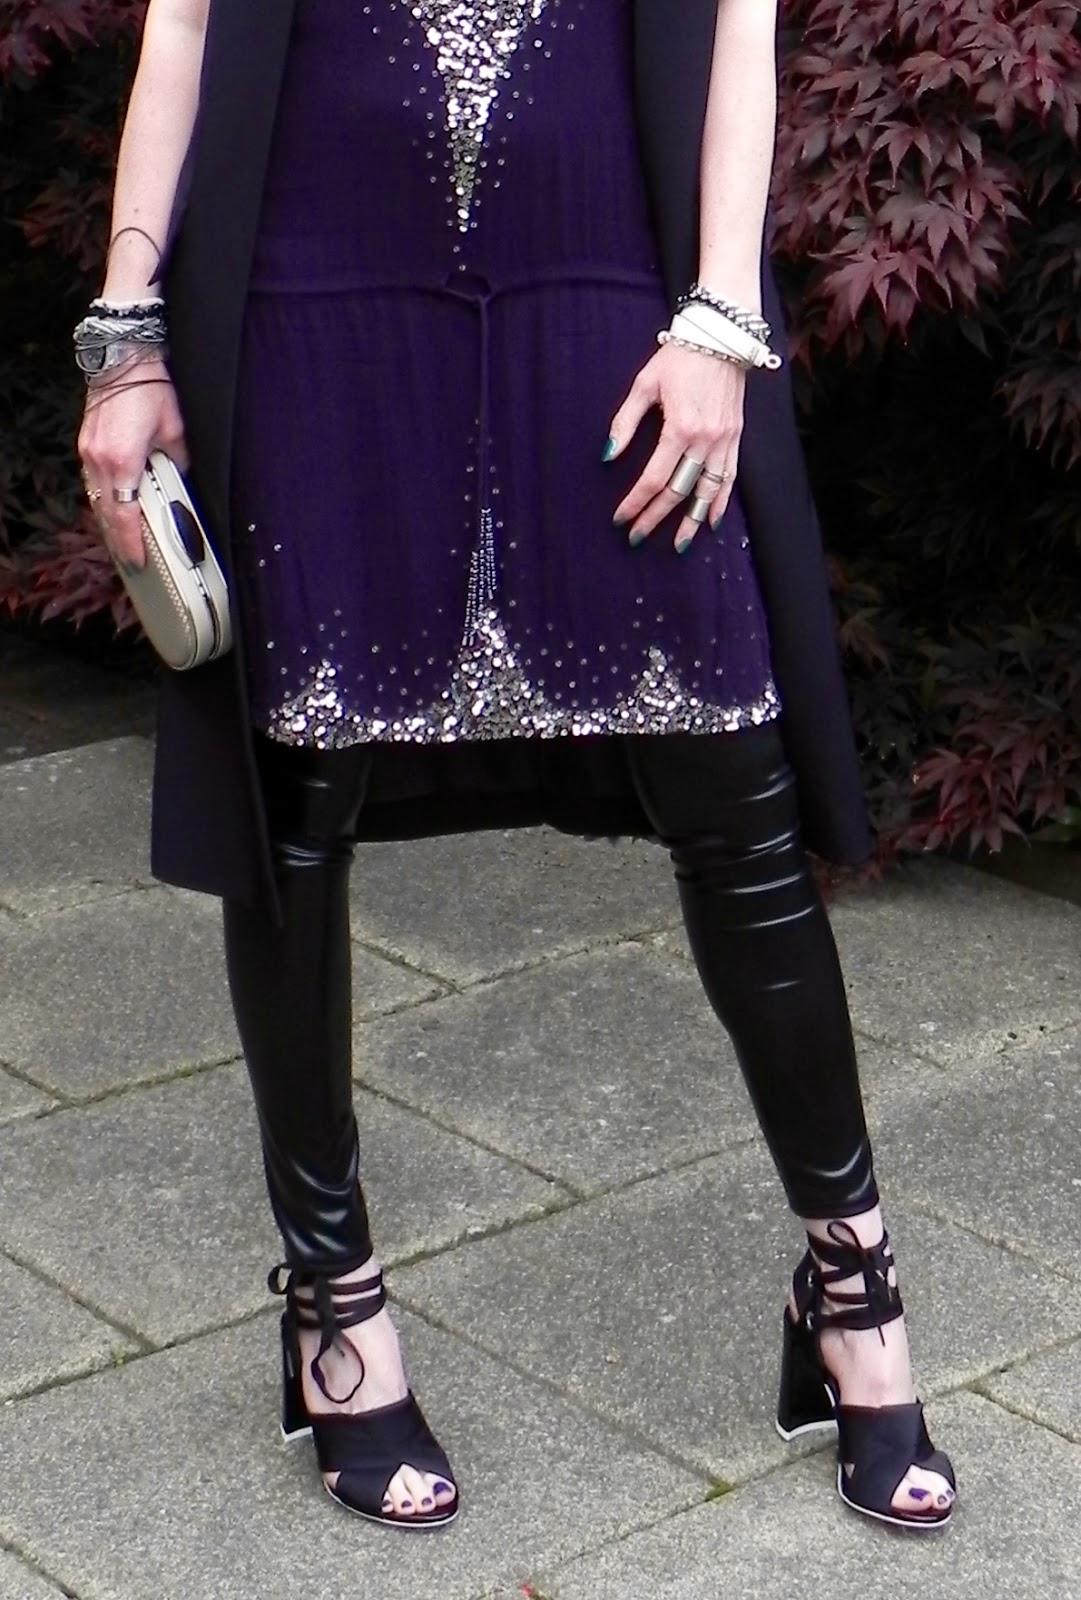 Antik batik tunic dress, Topshop unique shoes and vinyl leggings.